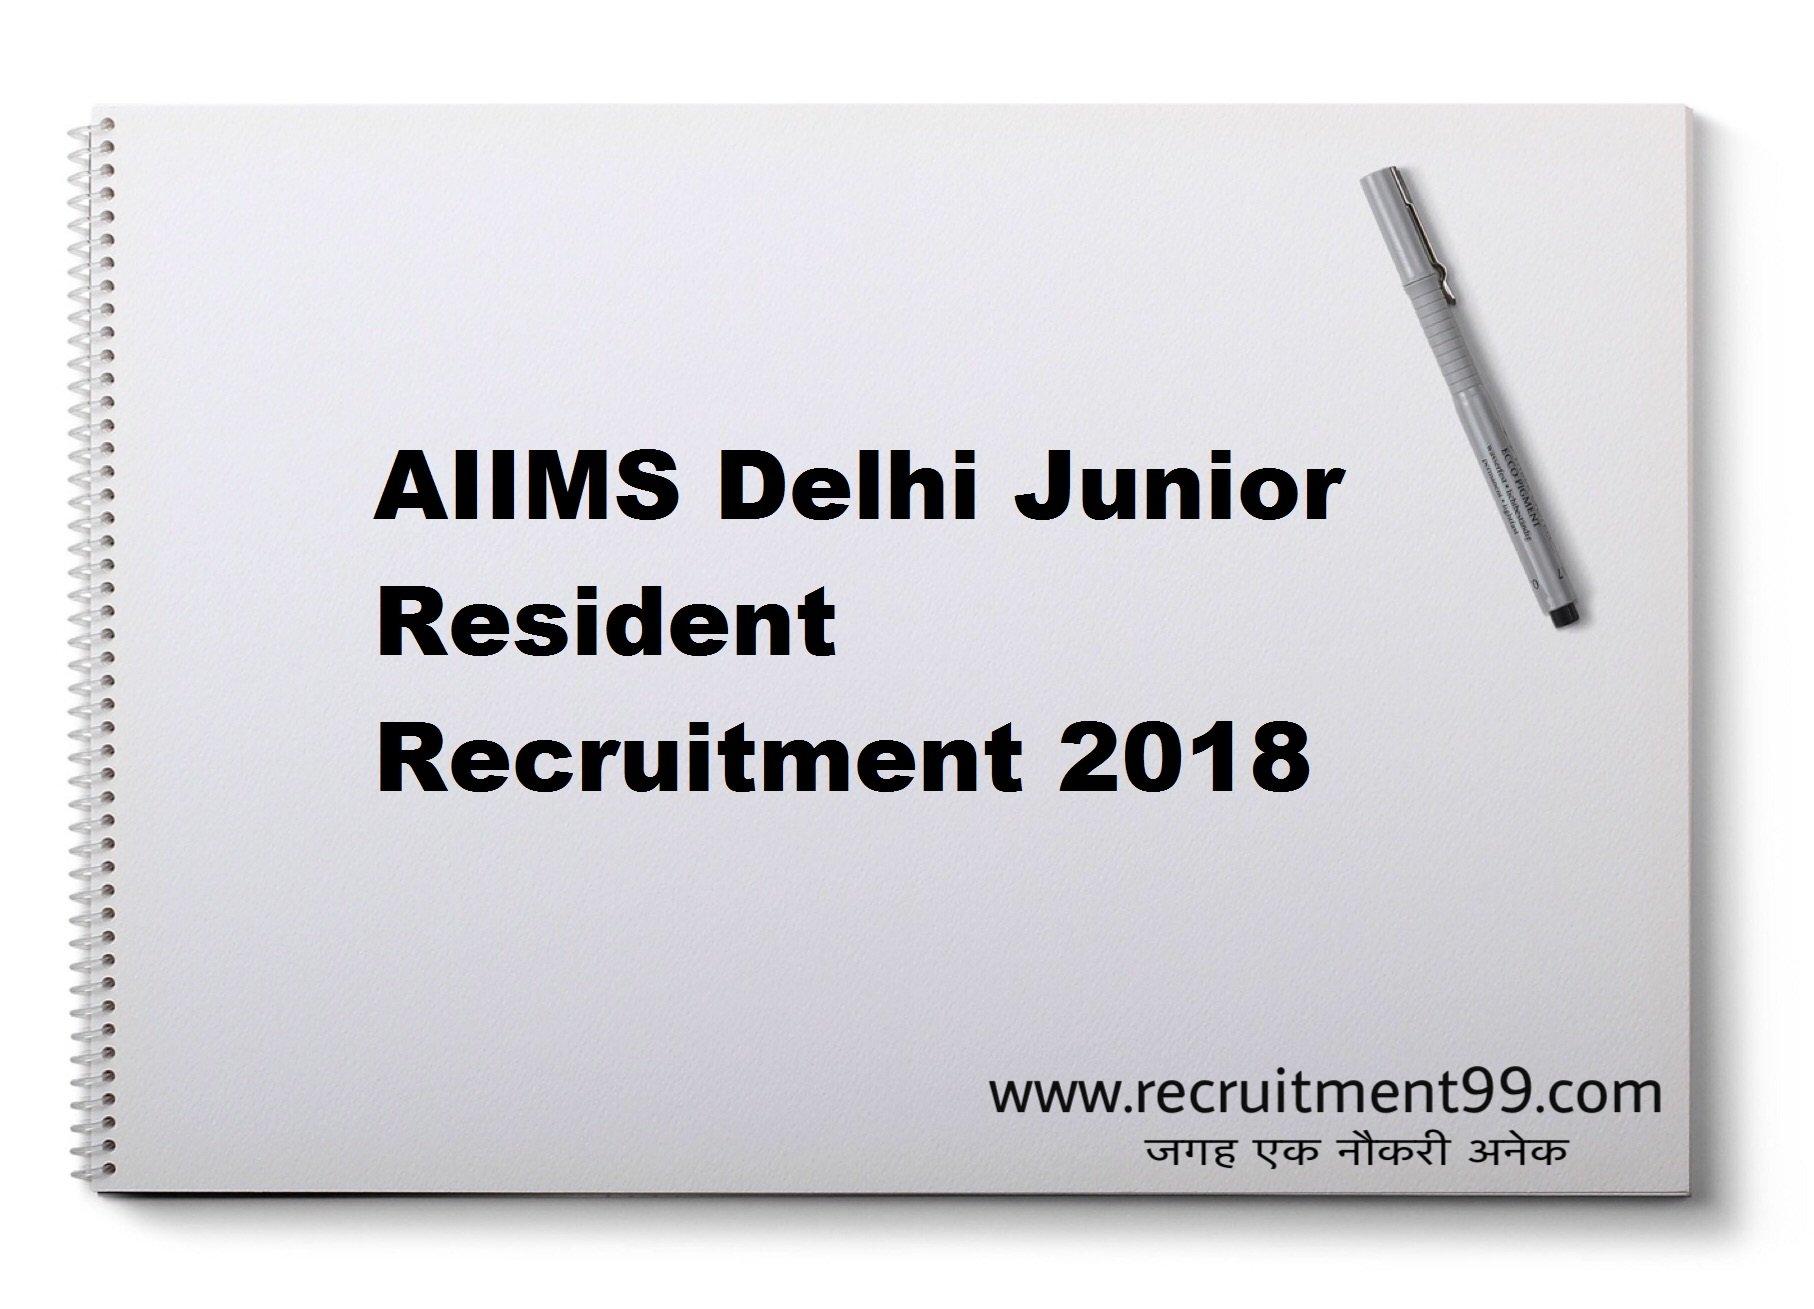 AIIMS Delhi Junior Resident Recruitment Admit Card Result 2018